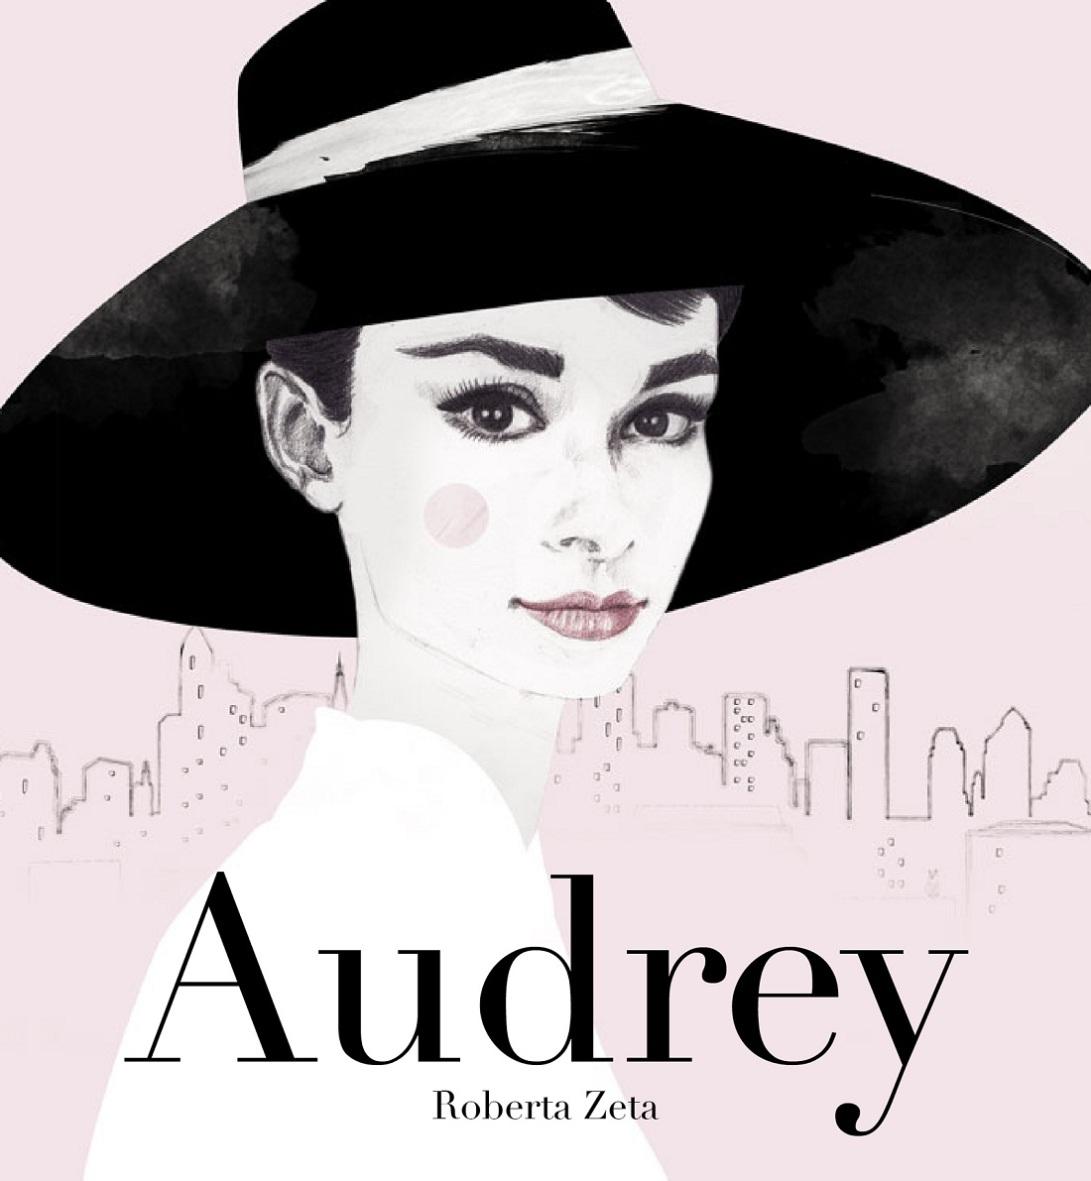 Life of Audrey Hepburn